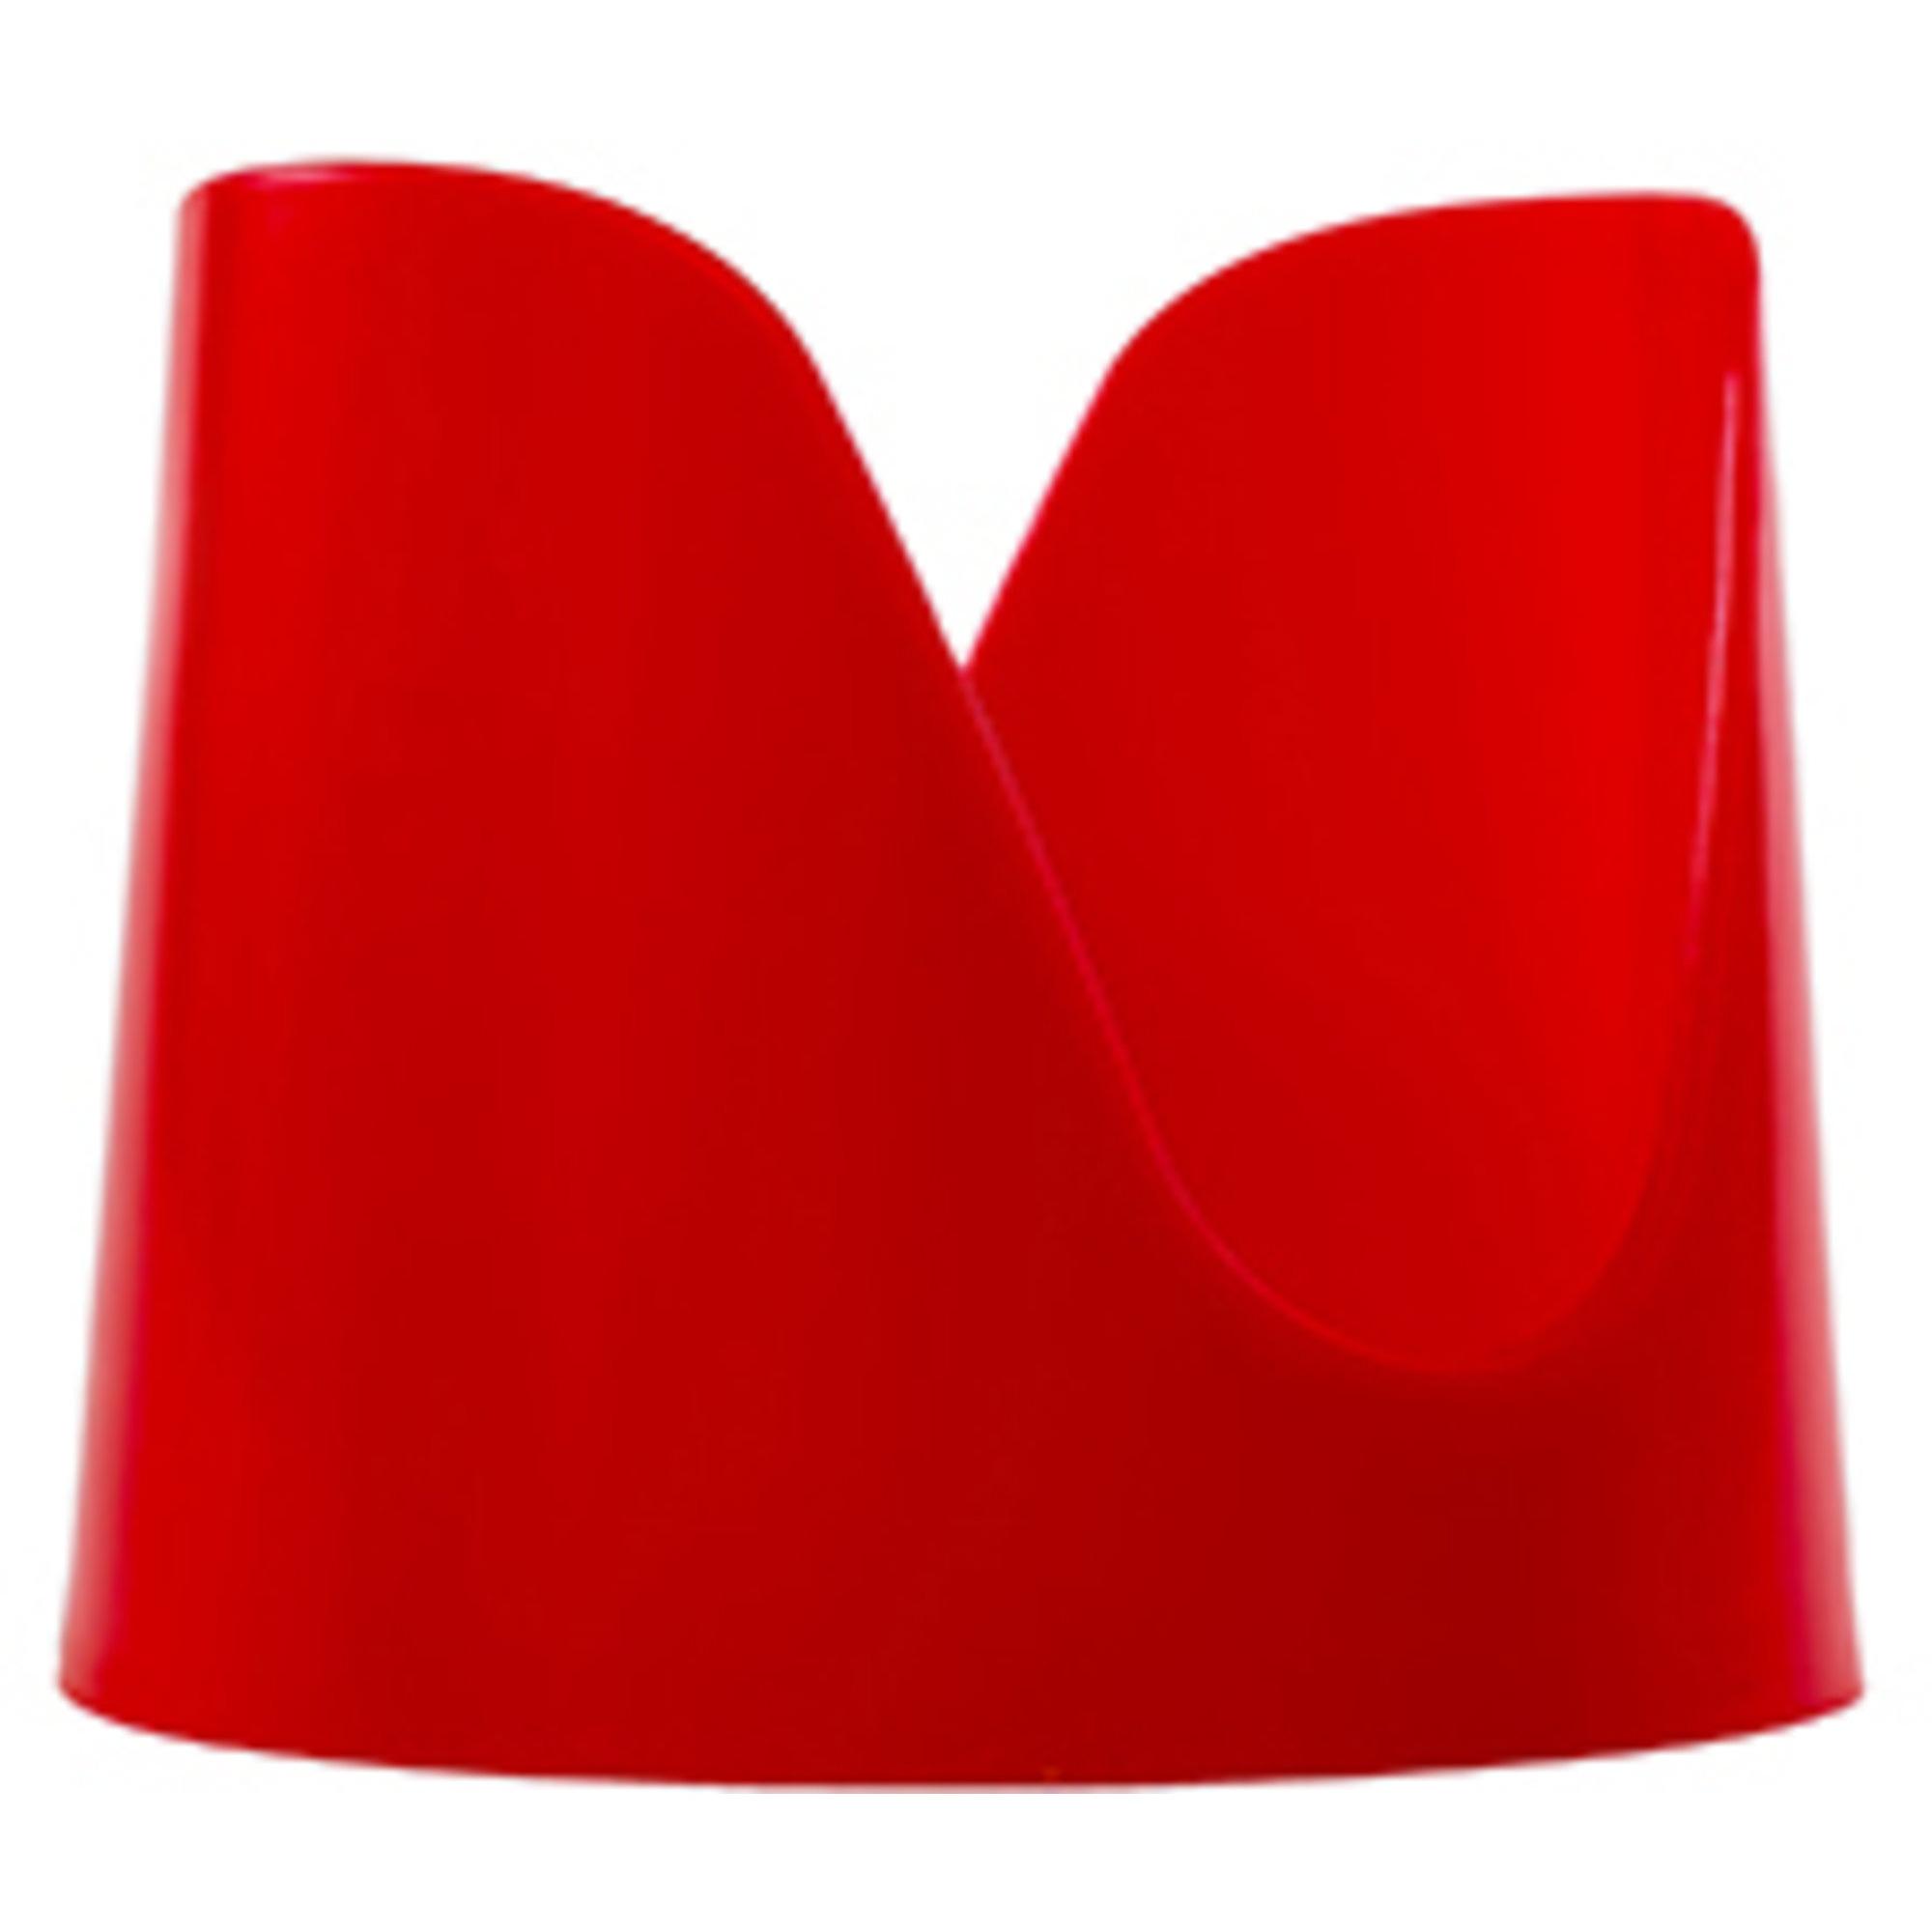 Dalolinden Tacohållare hård skal 4-pack Röd plast